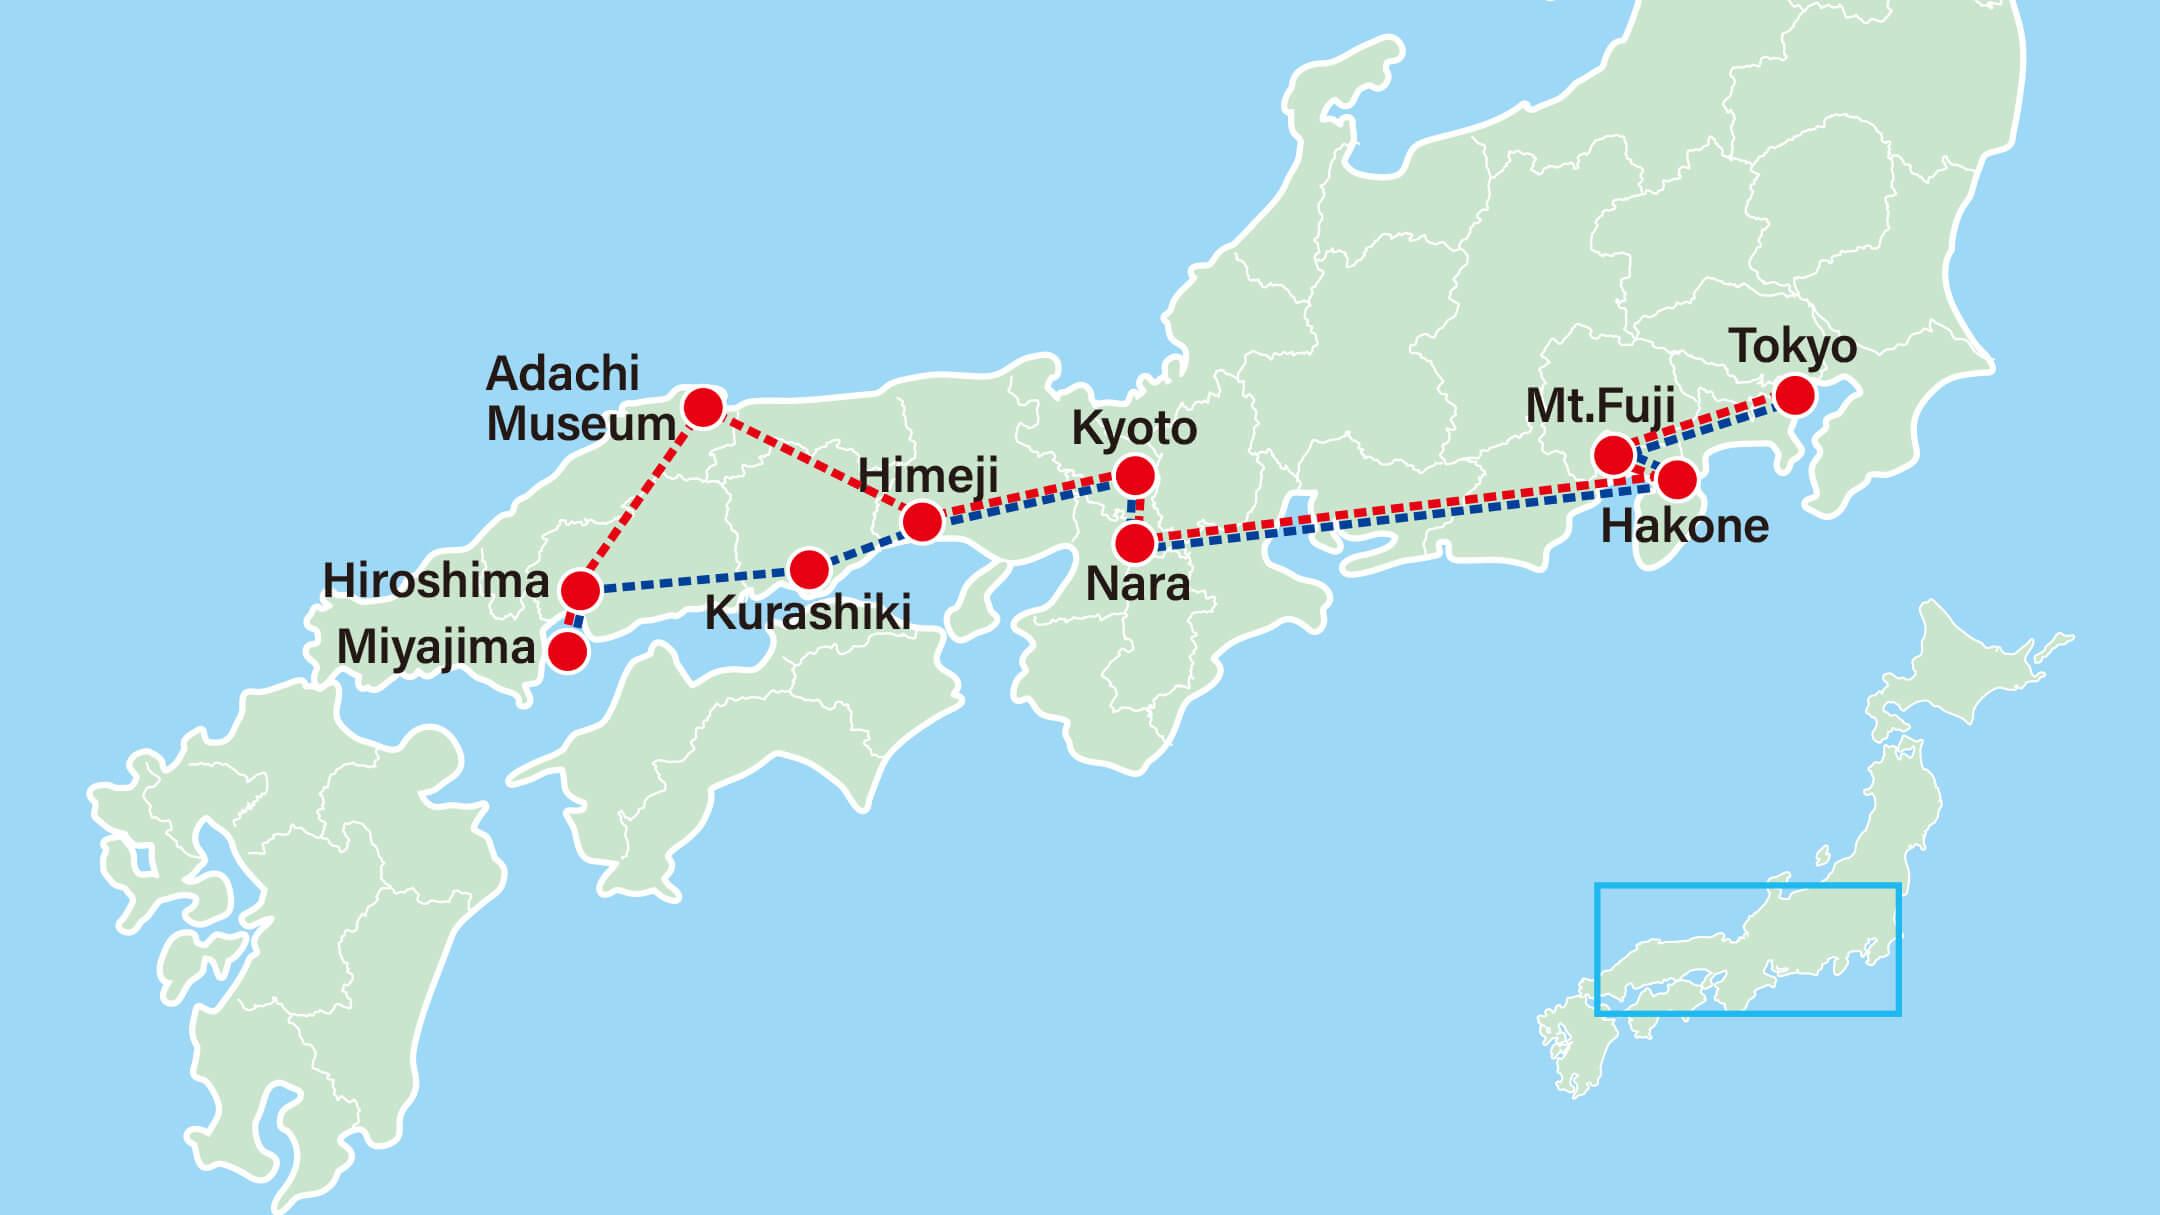 Hiroshima & Anime 10 Day Adventure-Kyoto-Kurashiki-Hiroshima-Nara-Mt Fuji-Hakone-Tokyo